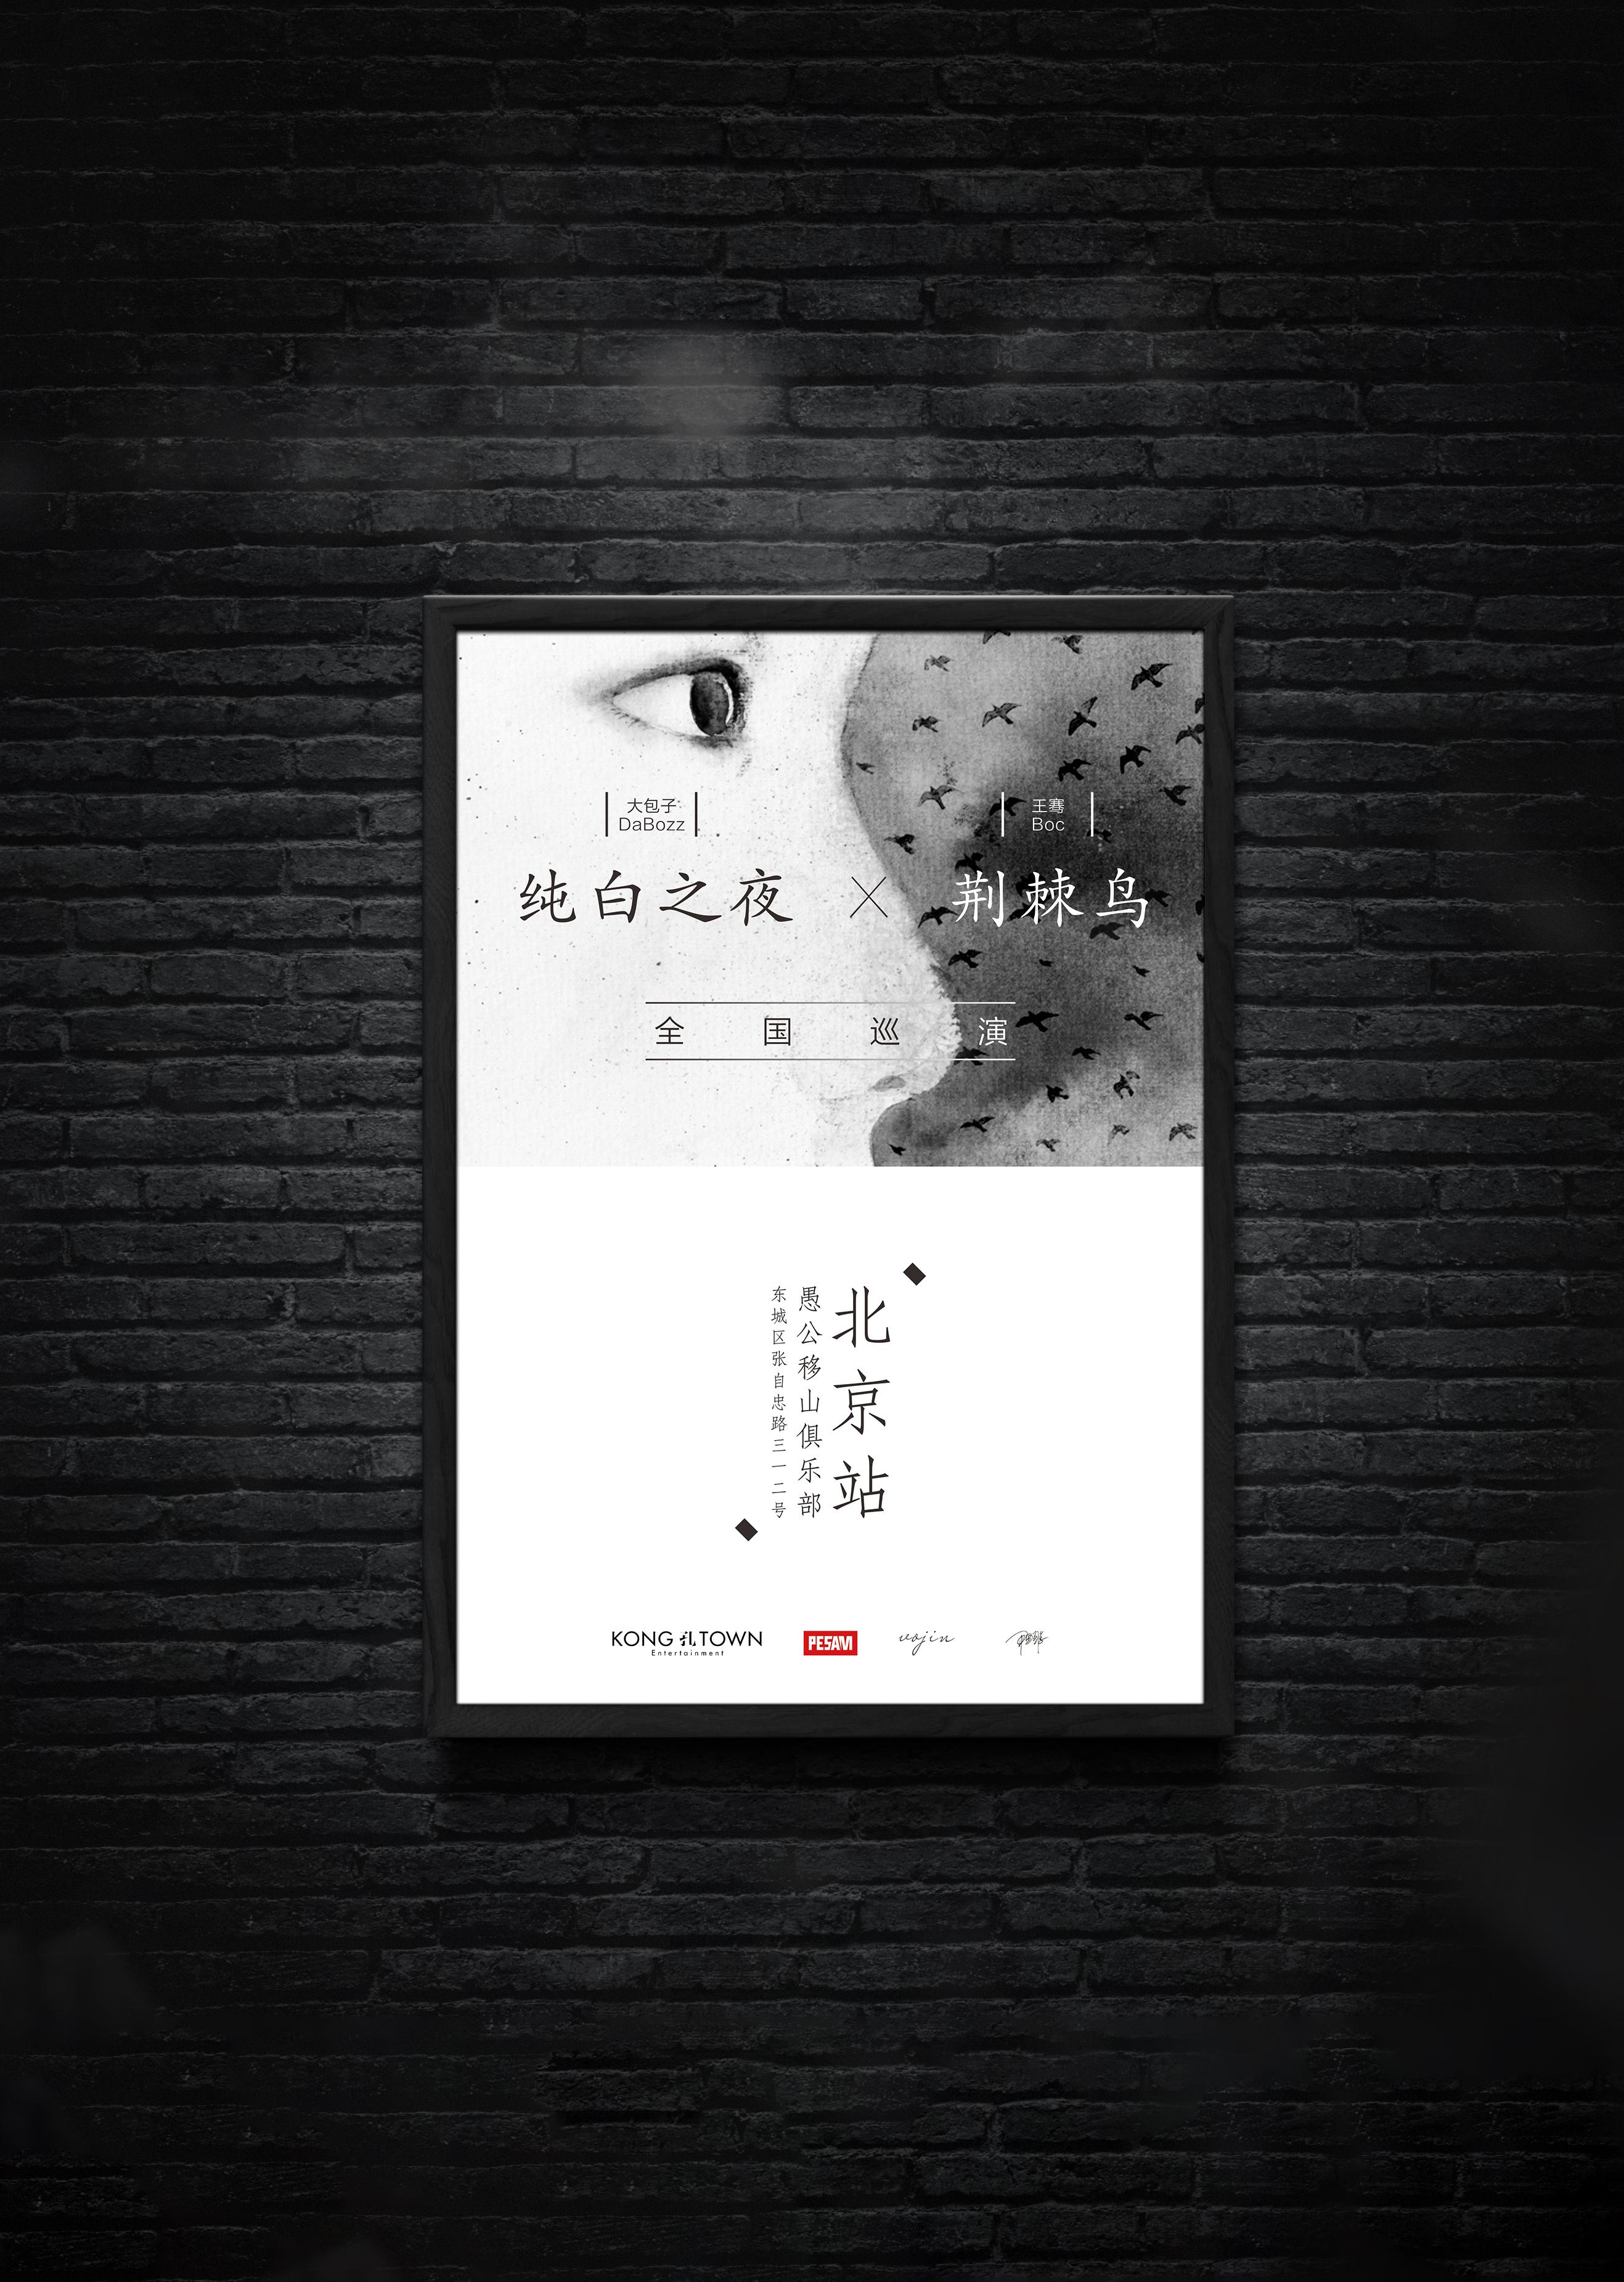 ���!�`iyn���fz���.�b�_王骞boc的单曲封套与演出海报|平面|海报|iynujgnaw